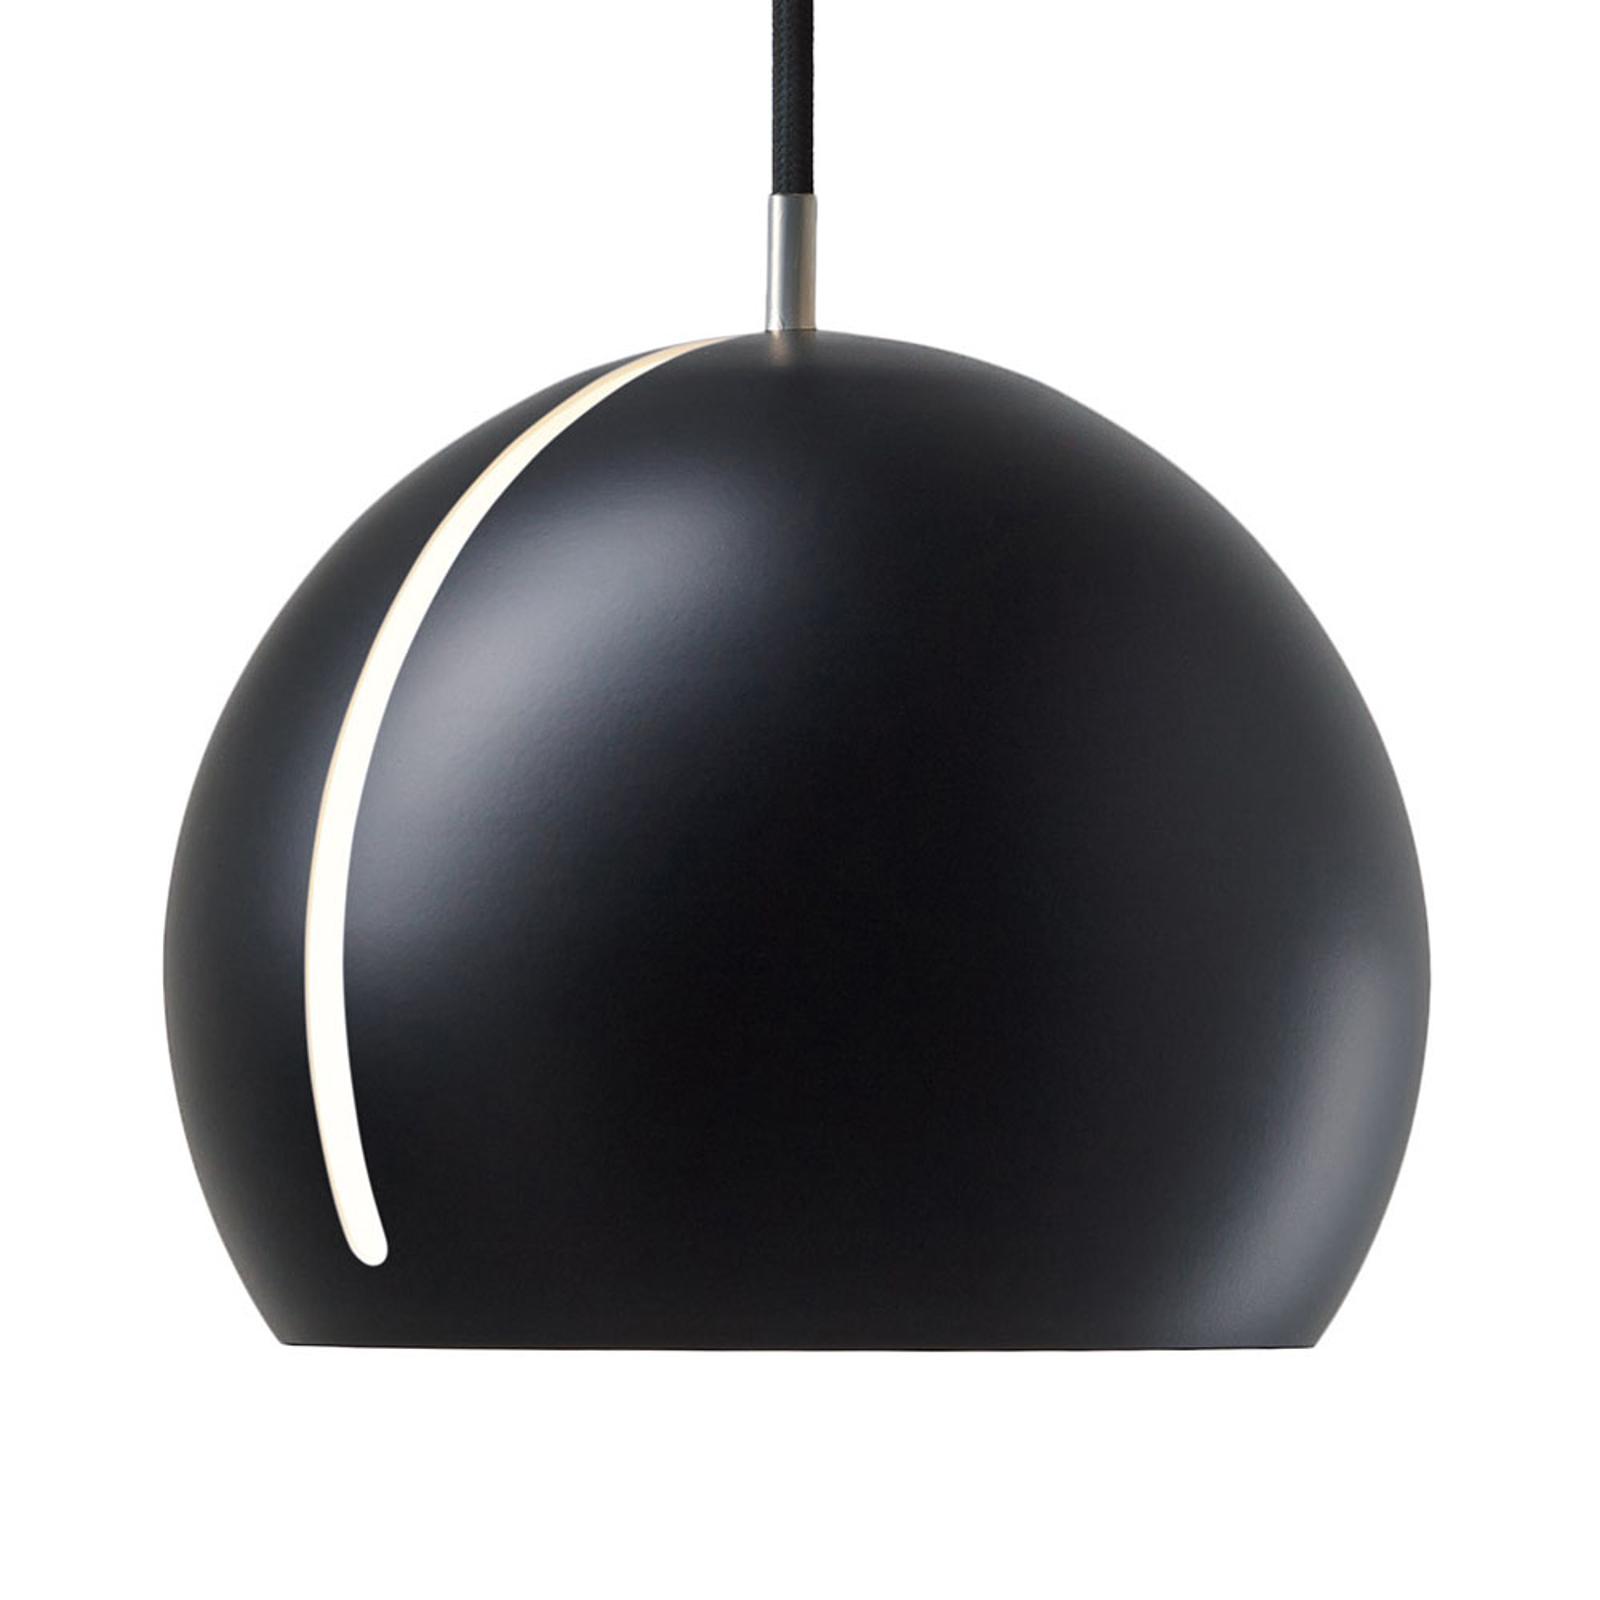 Nyta Tilt Globe Hängelampe Kabel 3m schwarz